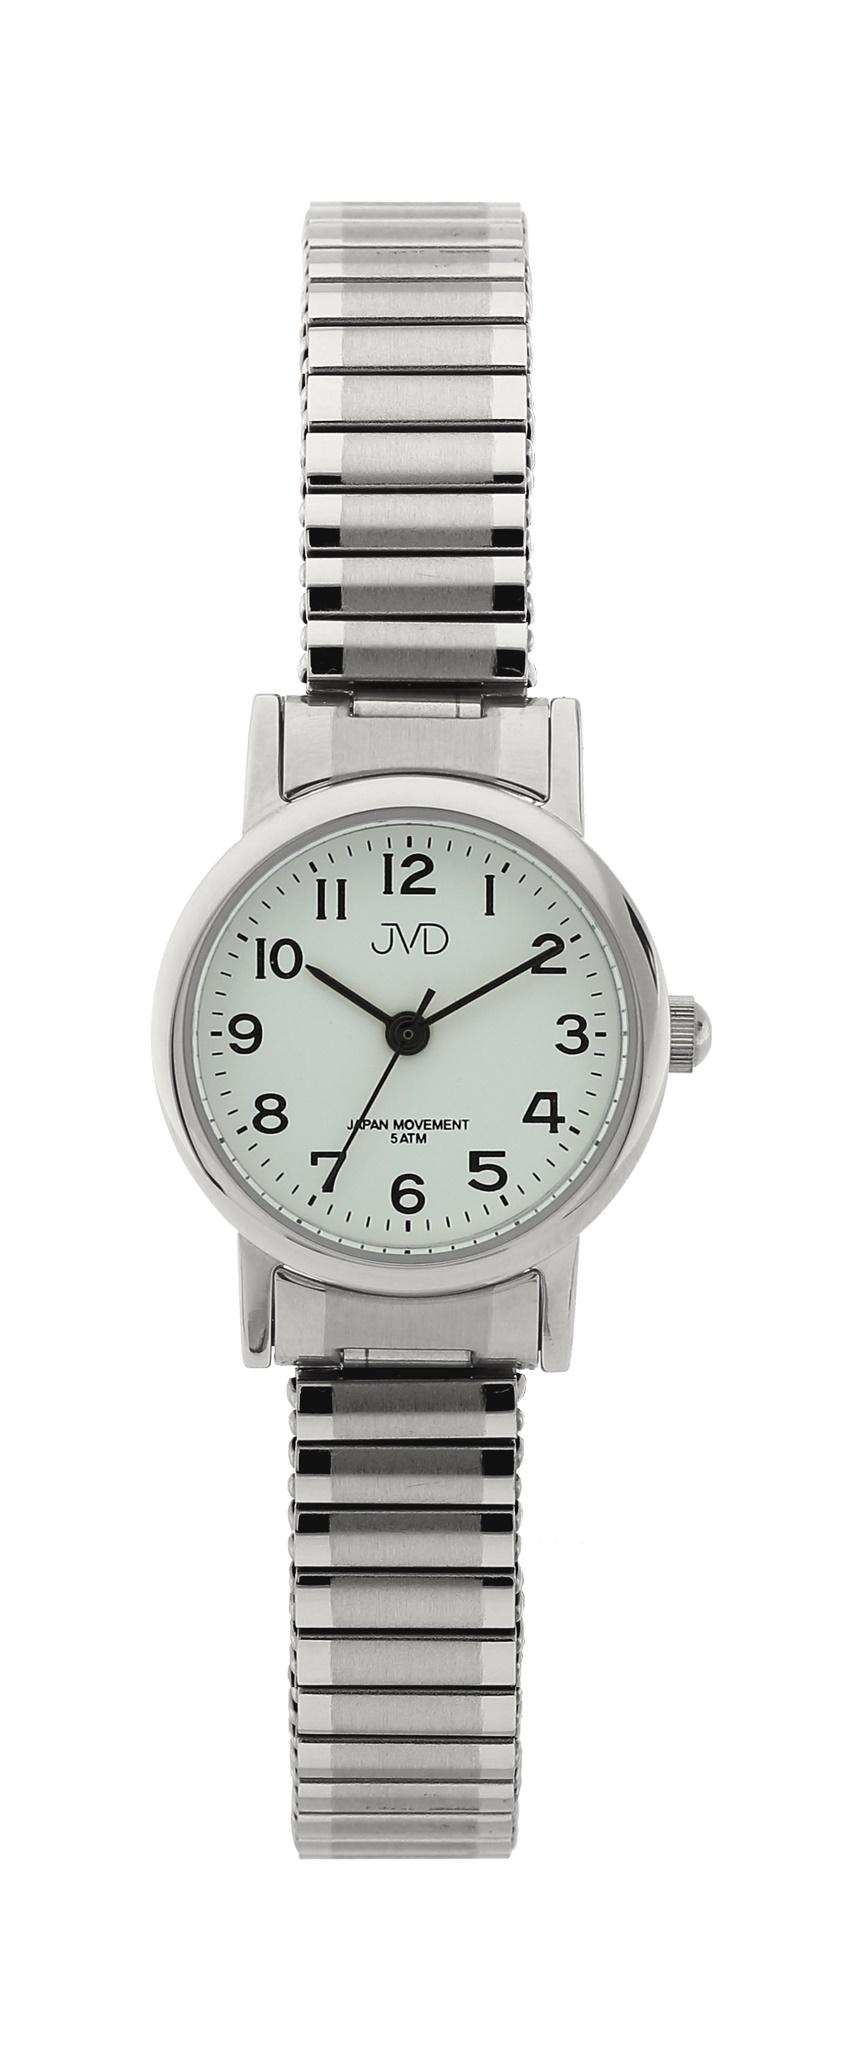 Dámské hodinky JVD steel J4010.4 (POŠTOVNÉ ZDARMA!!)